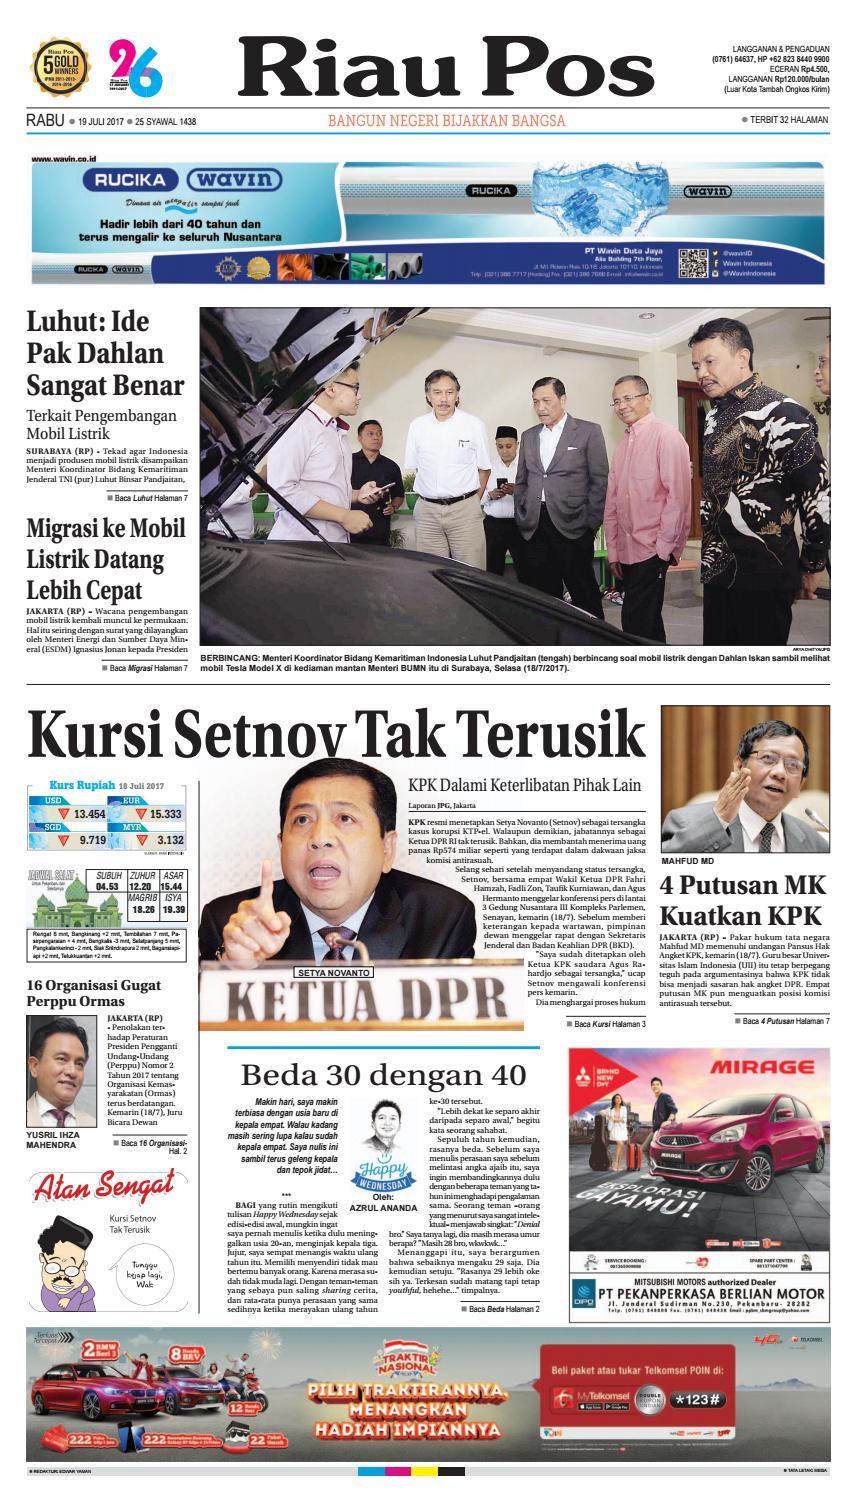 2017 07 19 Produk Ukm Bumn Batik Lengan Panjang Parang Toko Ngremboko